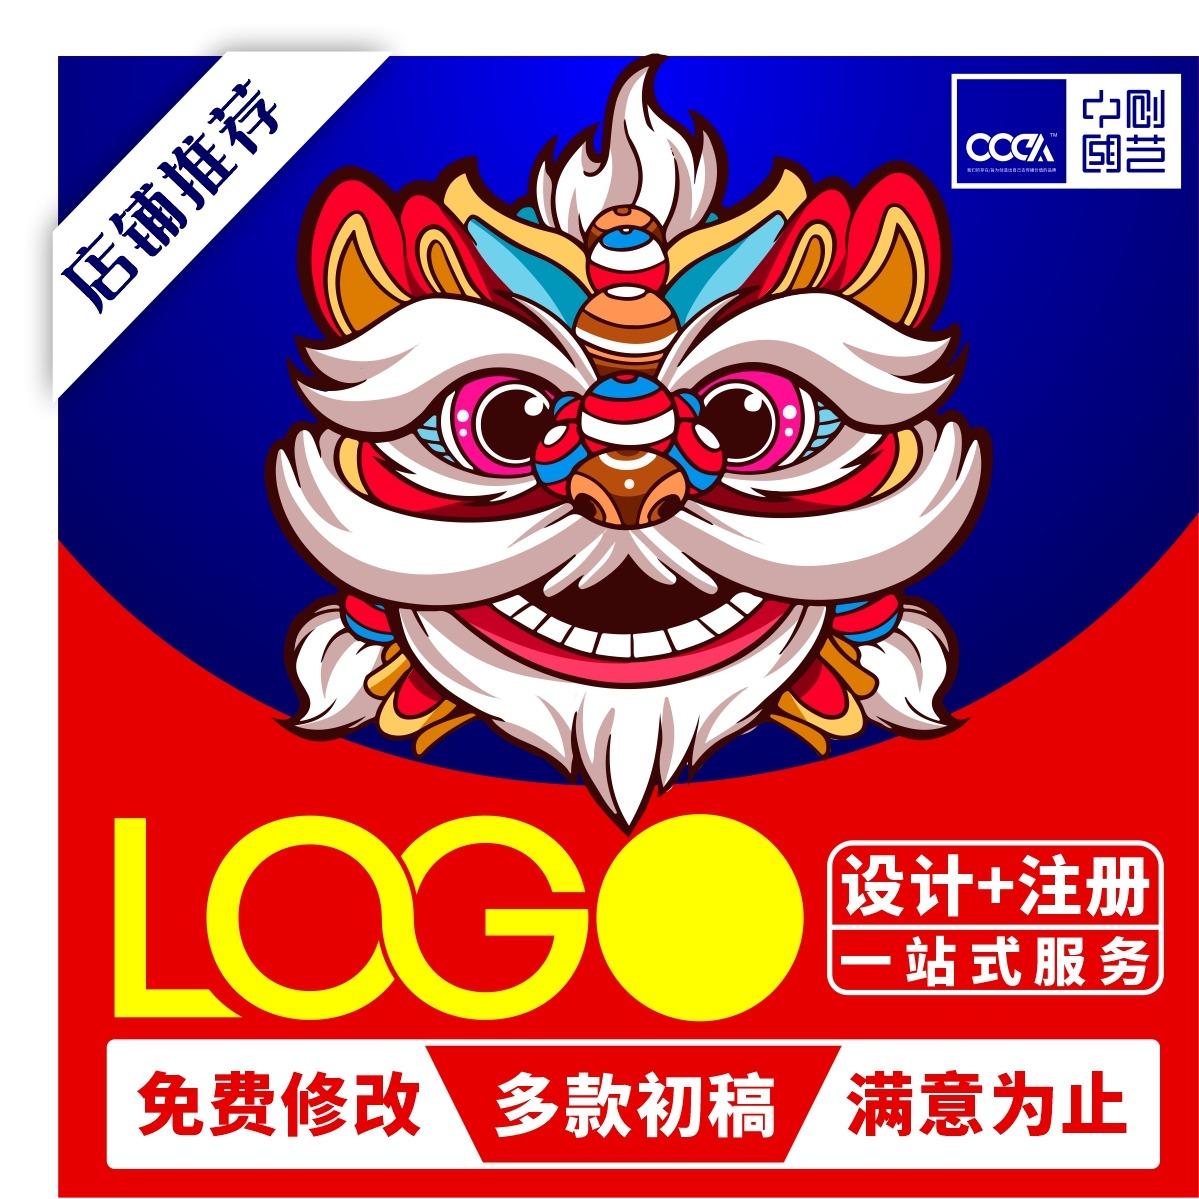 【12H内出方案】公司LOGO设计标志门头图标字体设计广告牌